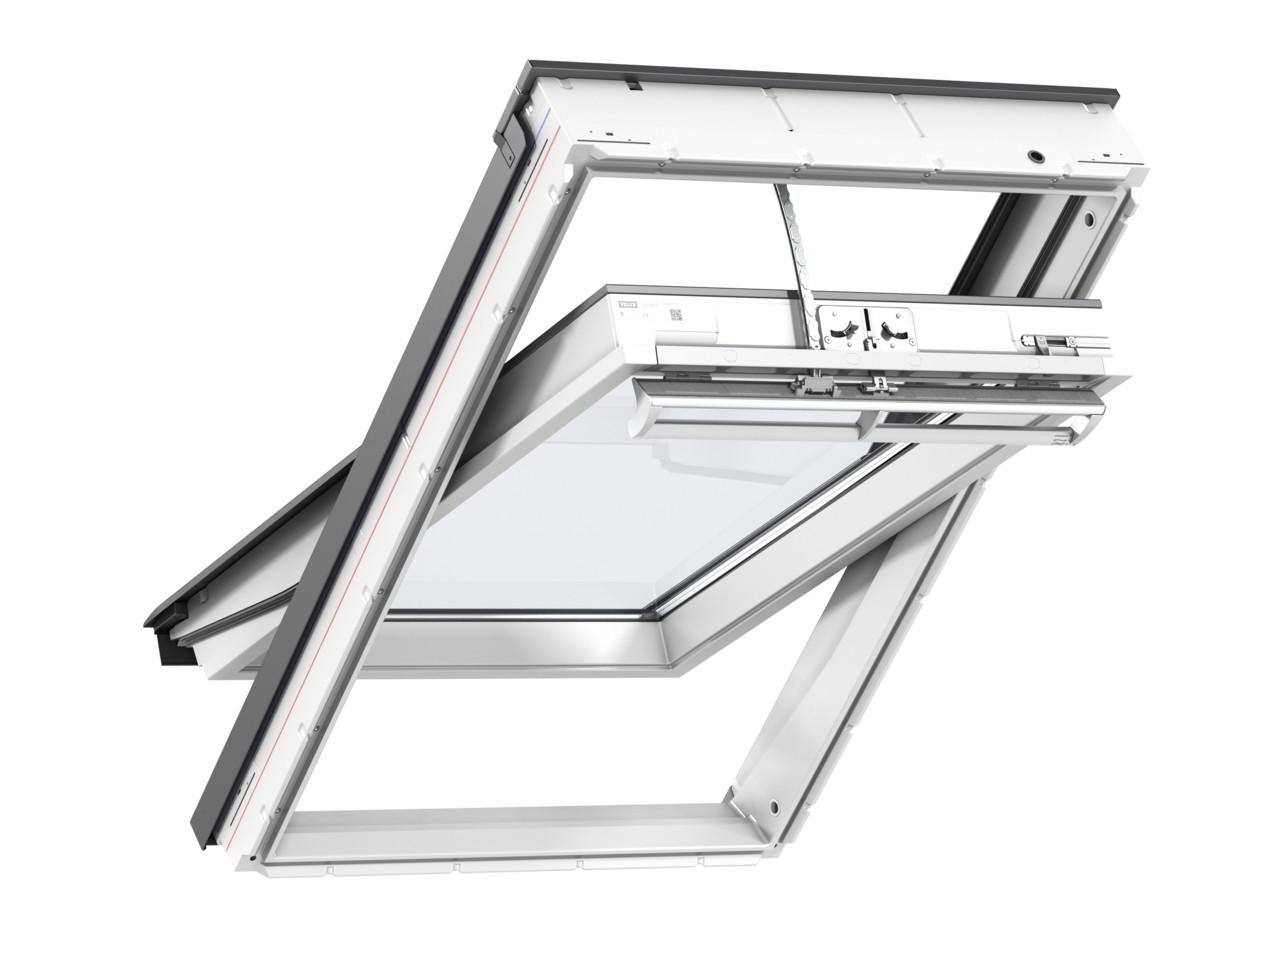 Střešní okno VELUX GGU 006821 MK04 INTEGRA kyvné dálkově ovládané